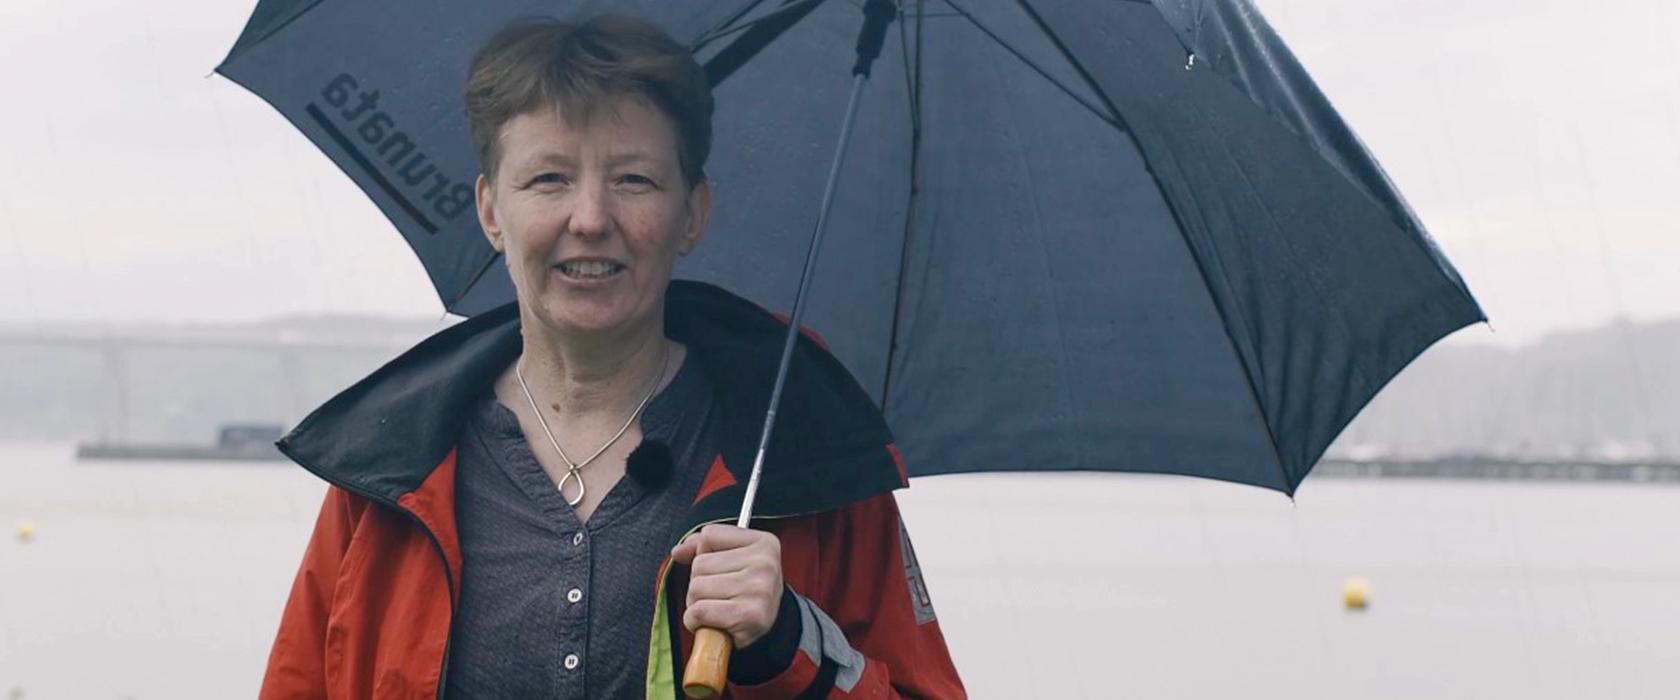 Lottte Meldgaard